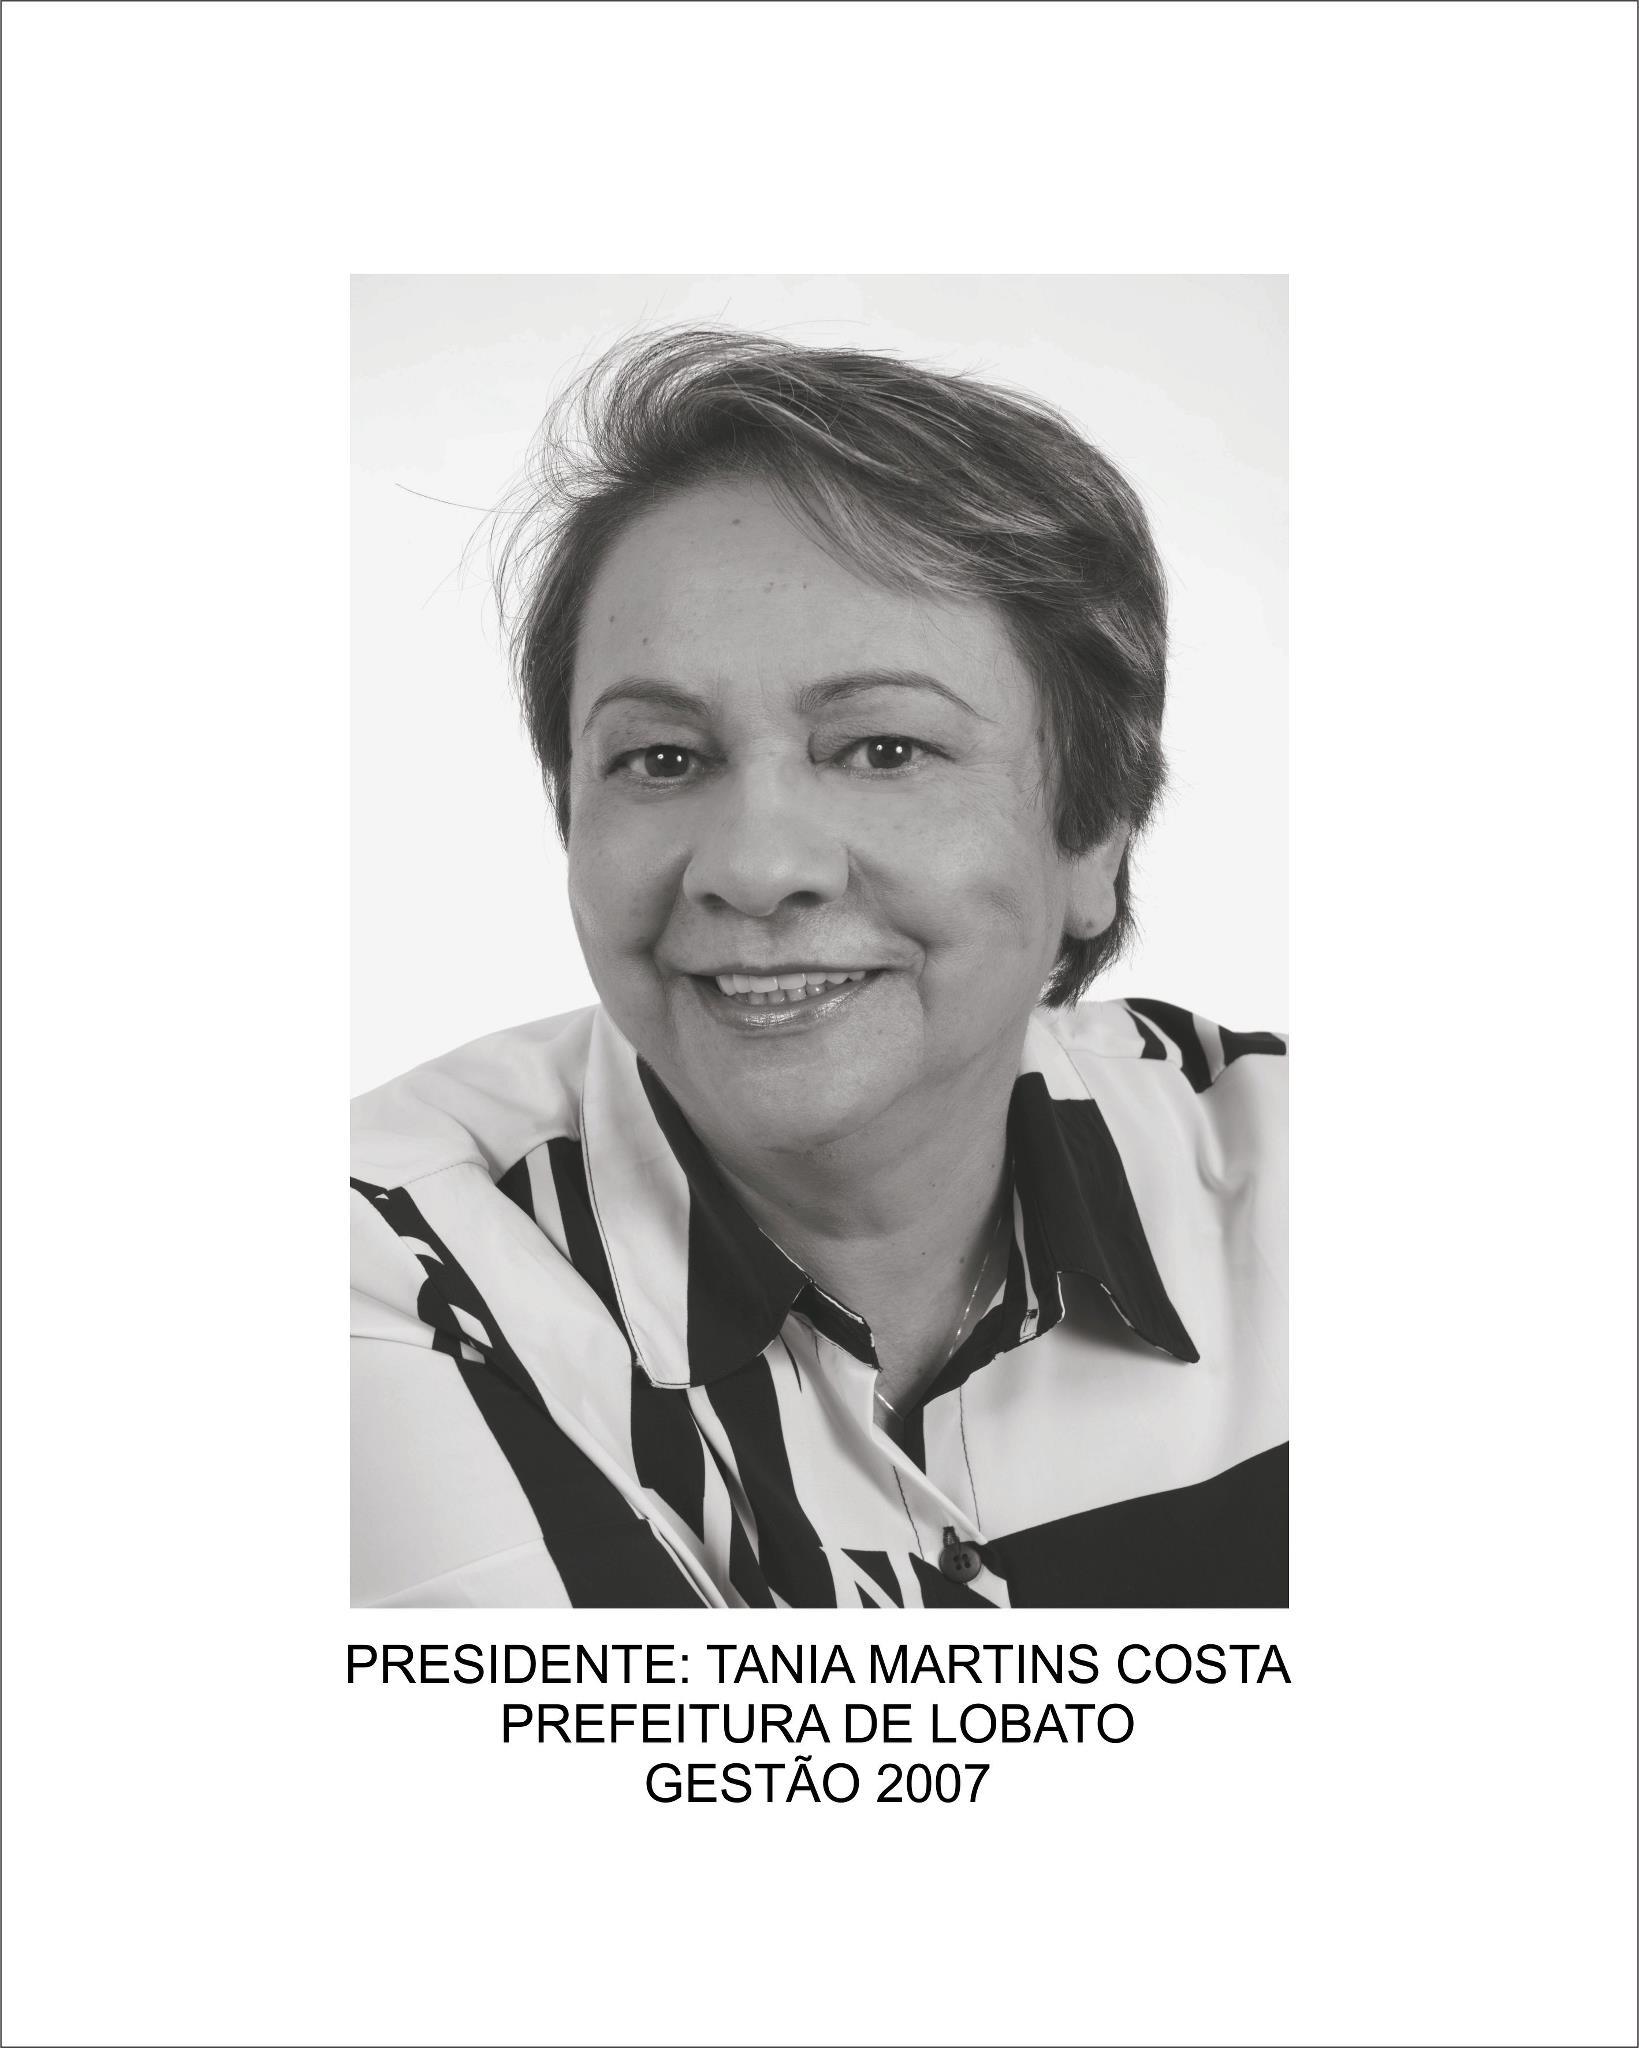 Tânia Martins Costa